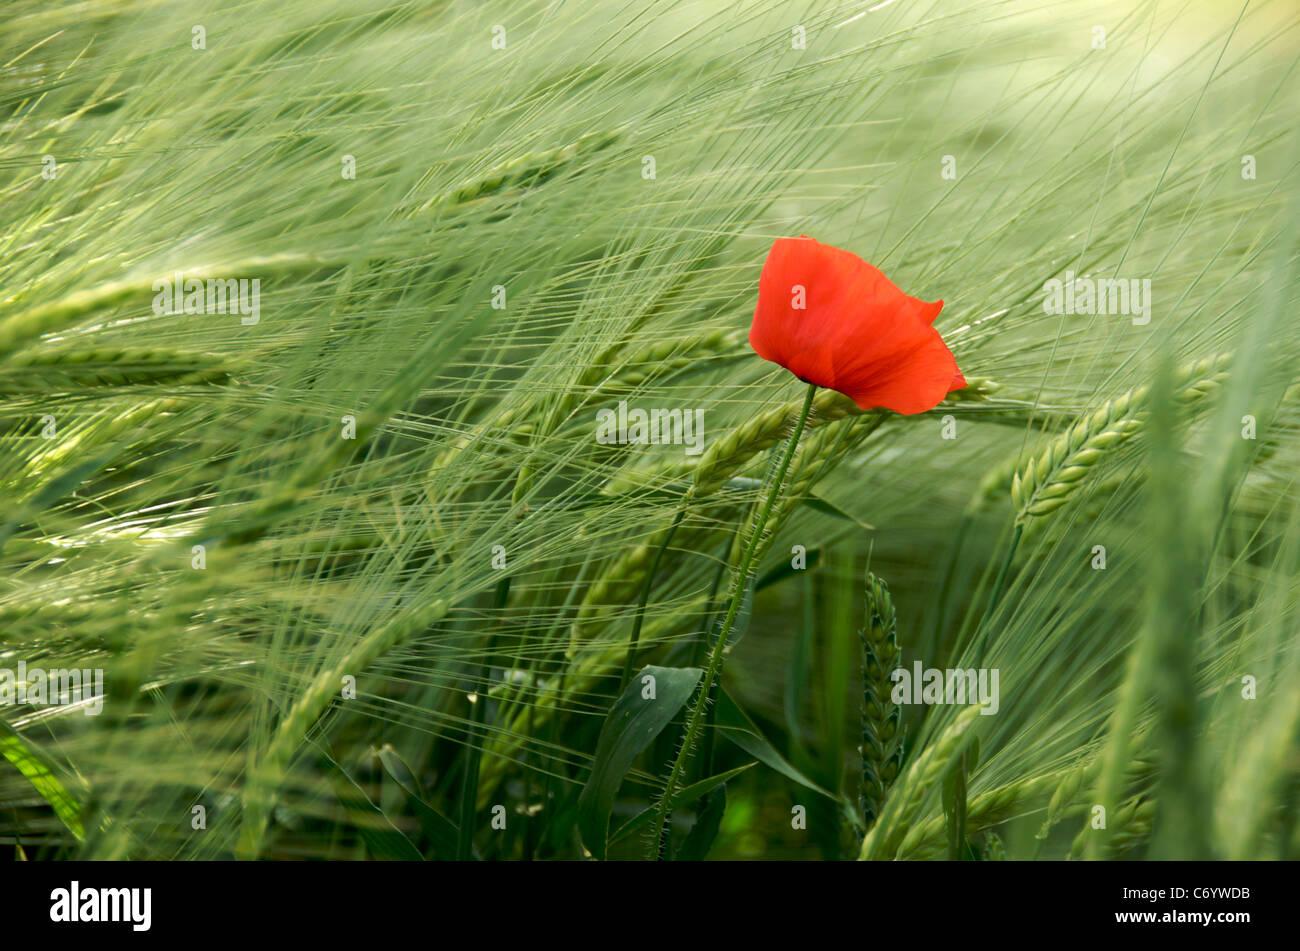 Flower - single poppy in a wheat field in France, Europe - Stock Image